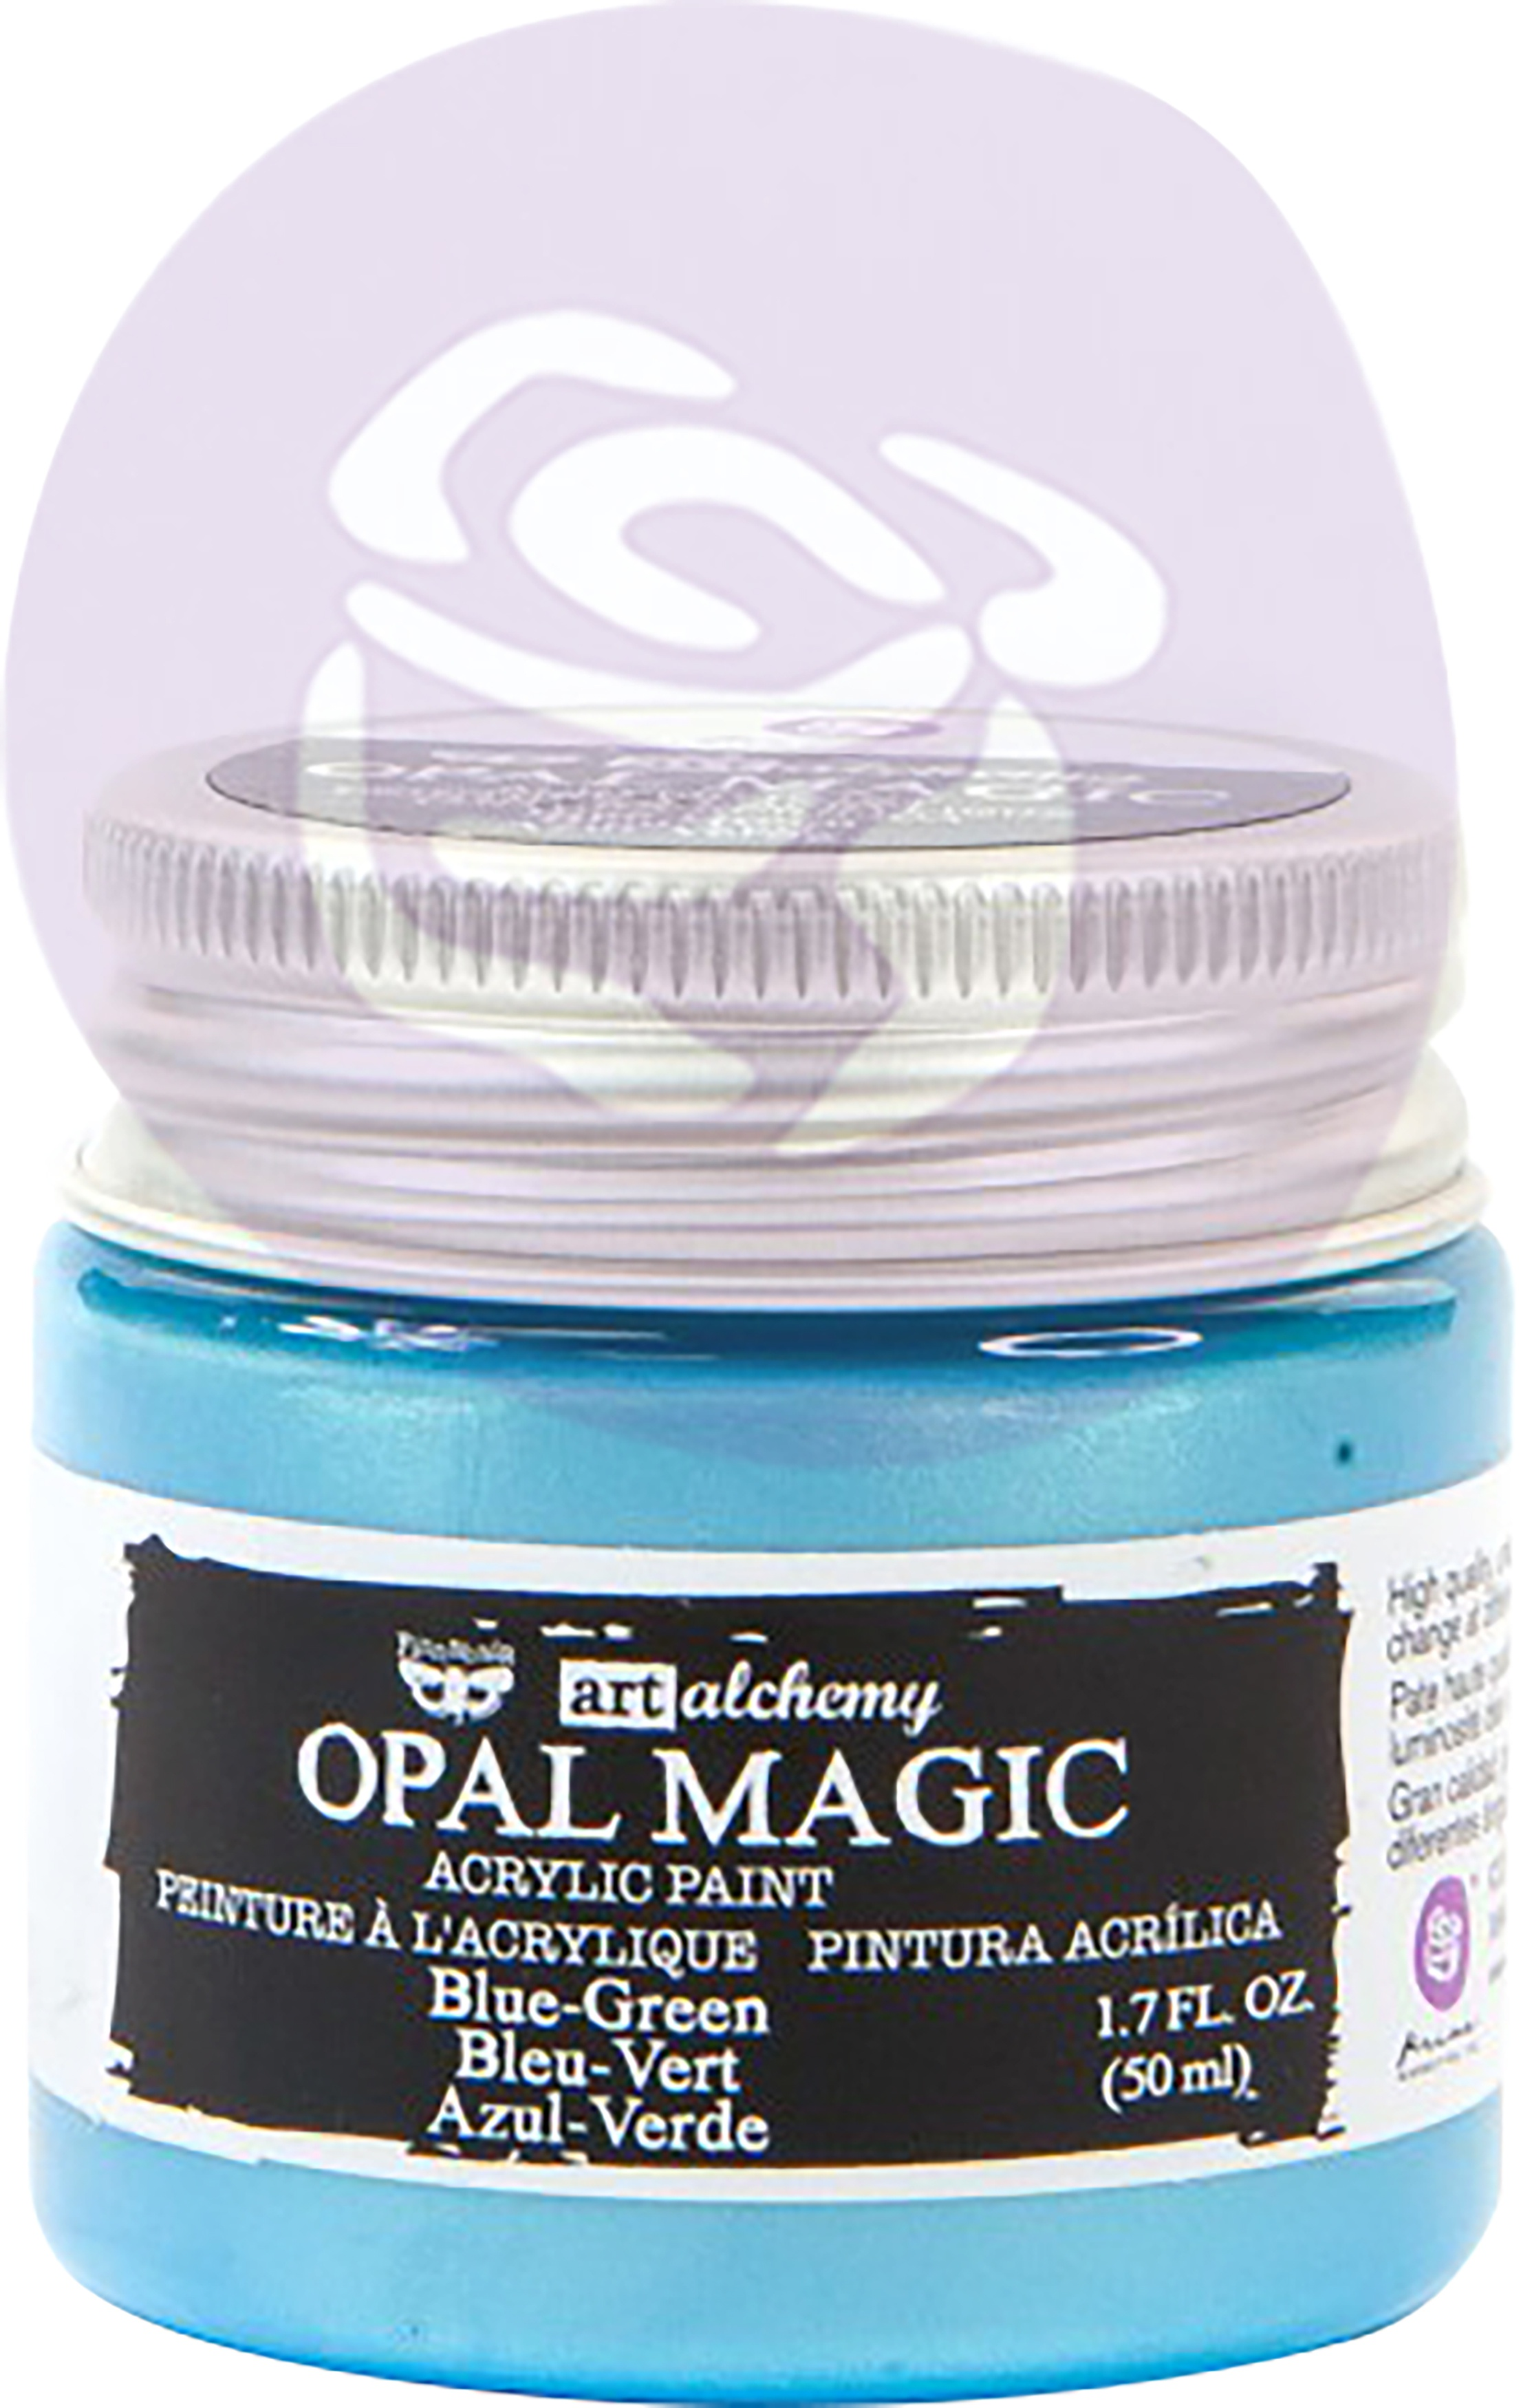 Finnabair Art Alchemy Opal Magic Acrylic Paint 1.7 Fl Oz-Blue/Green